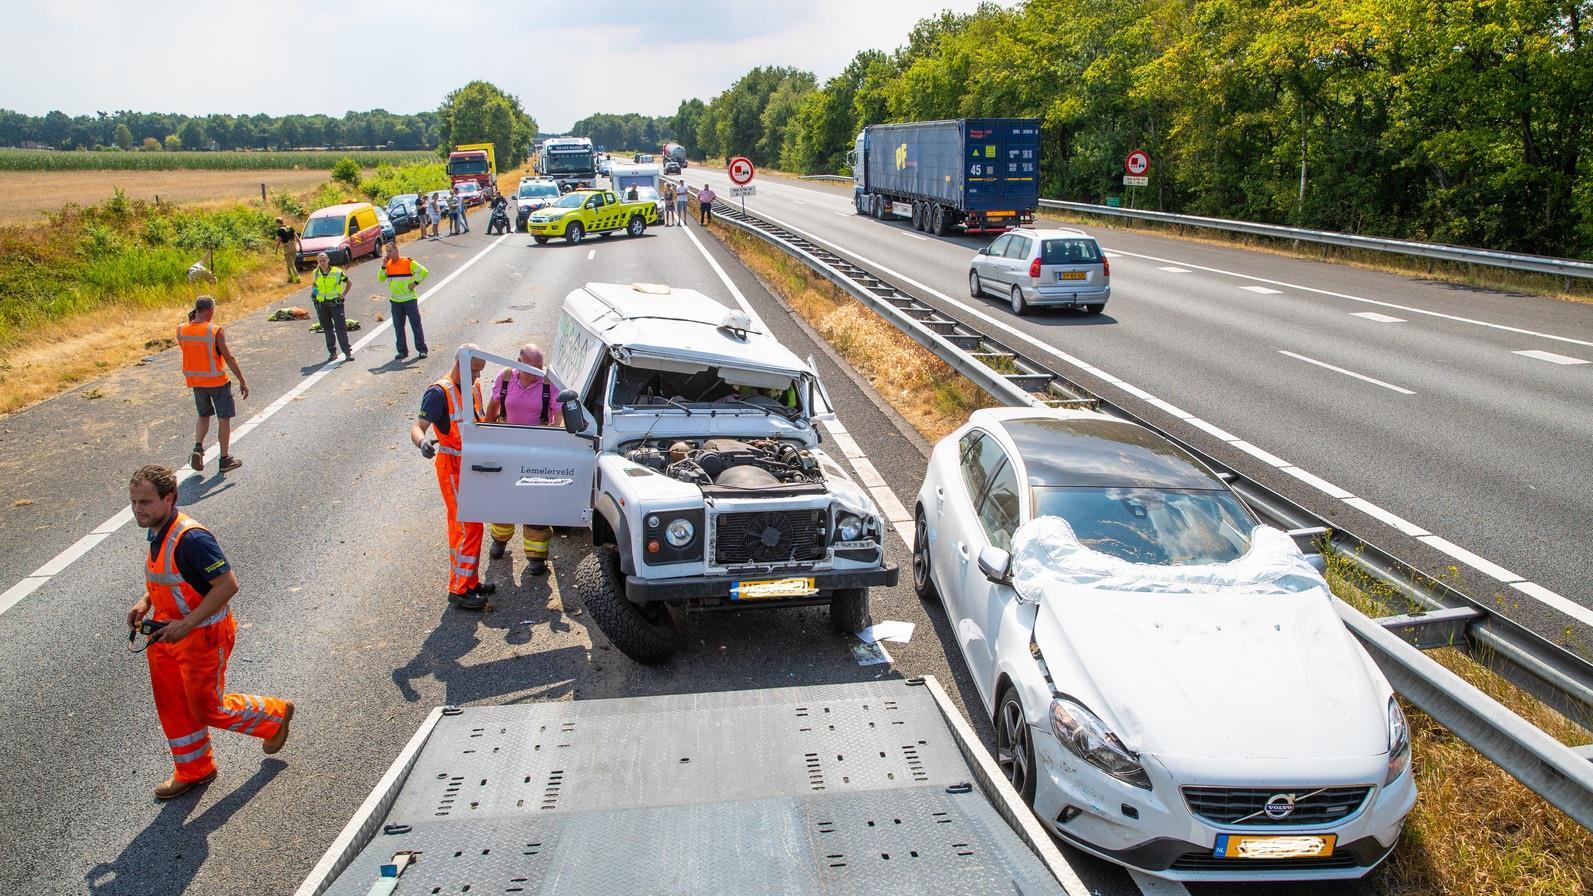 Hulpverleners over ongeval op A28: Nog nooit zon chaos meegemaakt.